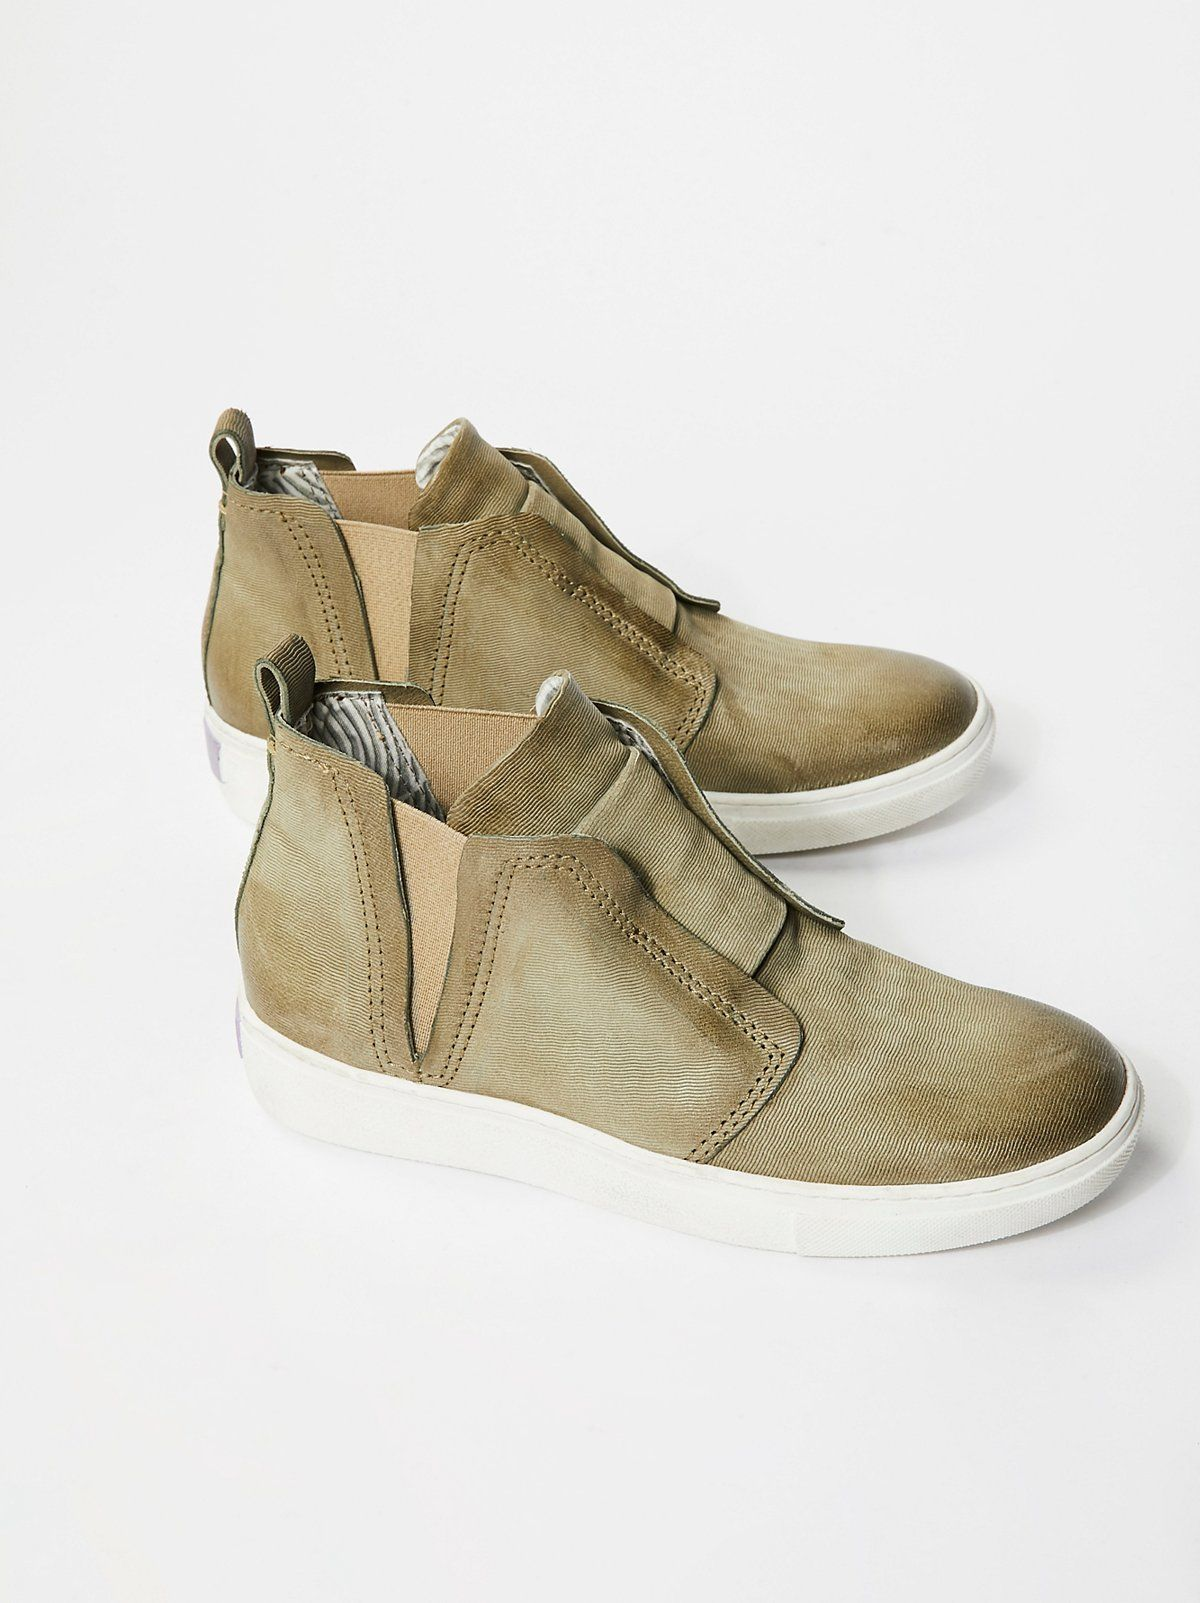 Master Hi Top Sneakers Top Sneakers Sneakers Best Sneakers